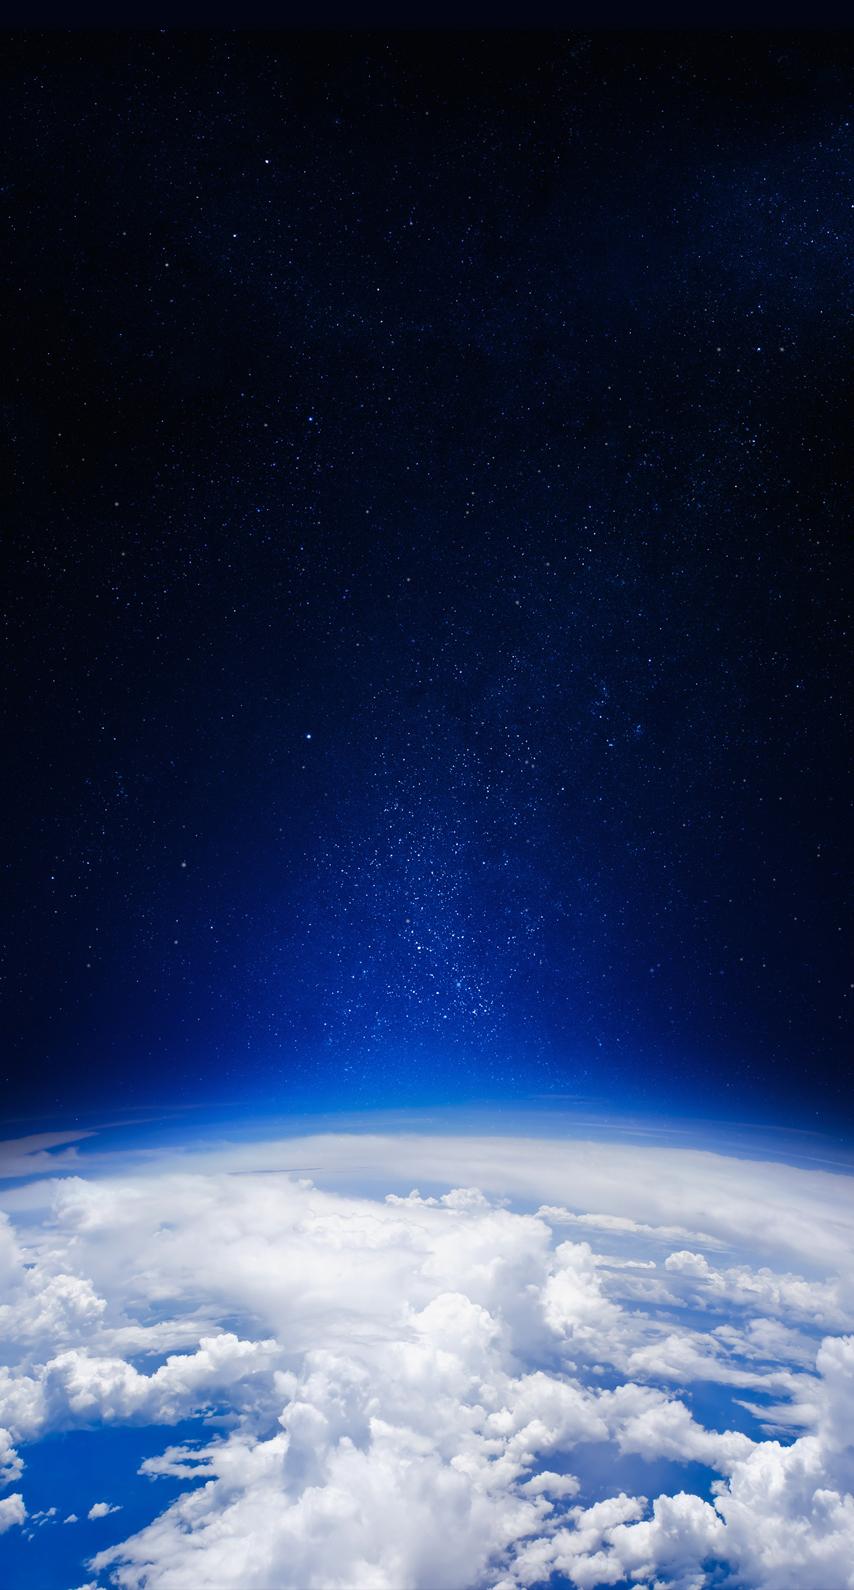 atmosphere, cloud